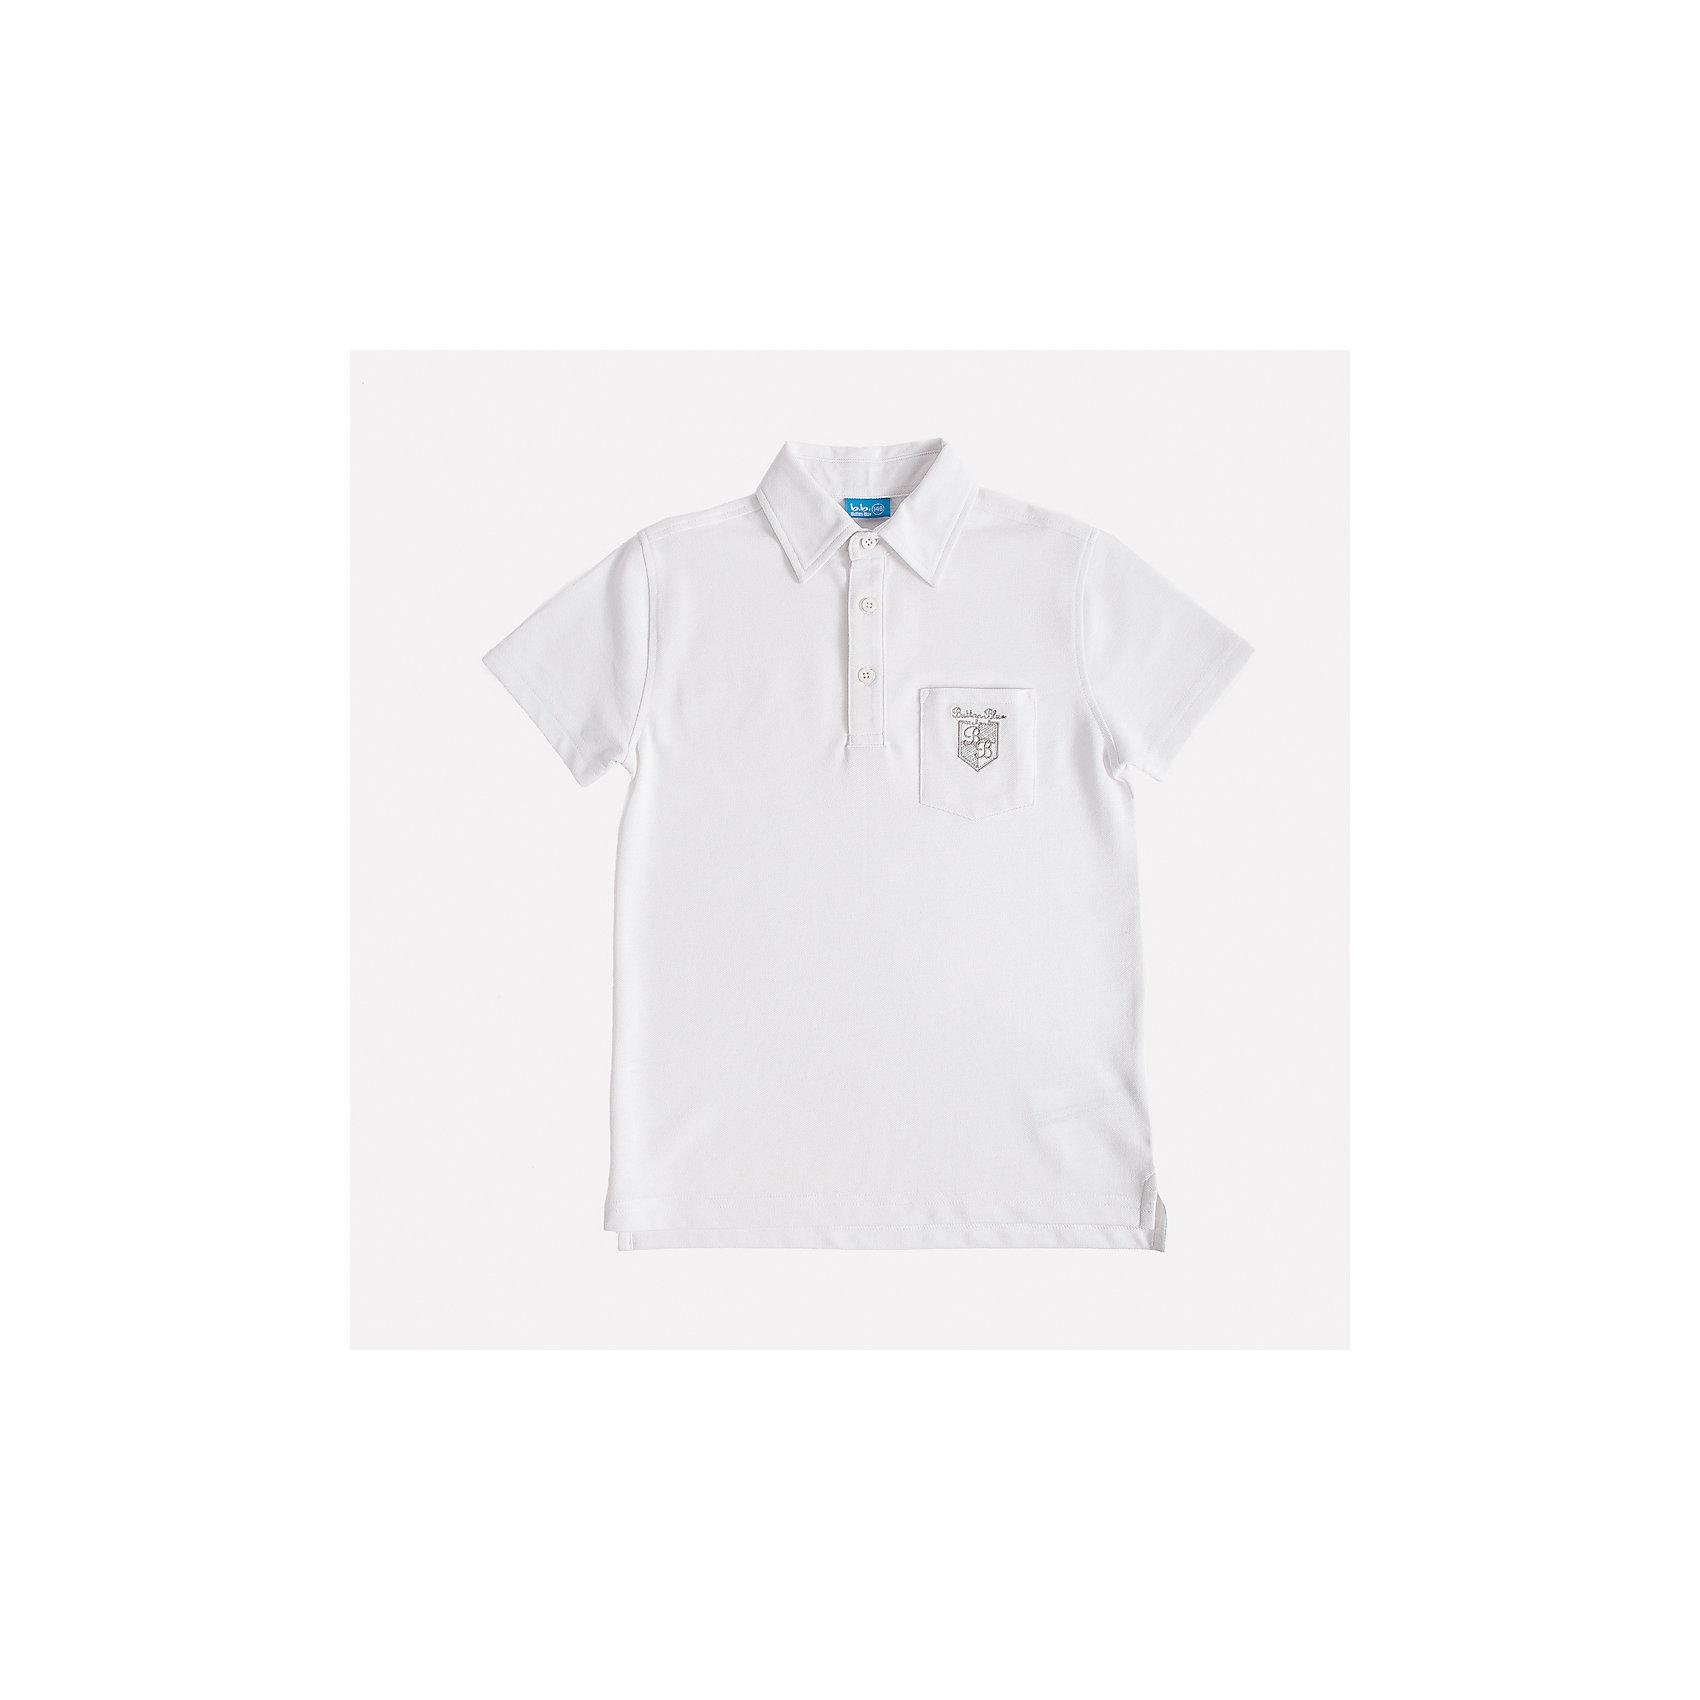 Футболка-поло для мальчика Button BlueБлузки и рубашки<br>Стильное поло с коротким рукавом из белоснежного трикотажного пике - прекрасная альтернатива текстильной рубашке. Поло подарит мальчику комфорт и свободу движений, не нарушив школьного дресскода. В отделке модели небольшая фирменная вышивка.<br>Состав:<br>50% хлопок                        50% полиэстер<br><br>Ширина мм: 230<br>Глубина мм: 40<br>Высота мм: 220<br>Вес г: 250<br>Цвет: белый<br>Возраст от месяцев: 72<br>Возраст до месяцев: 84<br>Пол: Мужской<br>Возраст: Детский<br>Размер: 122,128,158,140,134,152,146<br>SKU: 4147158